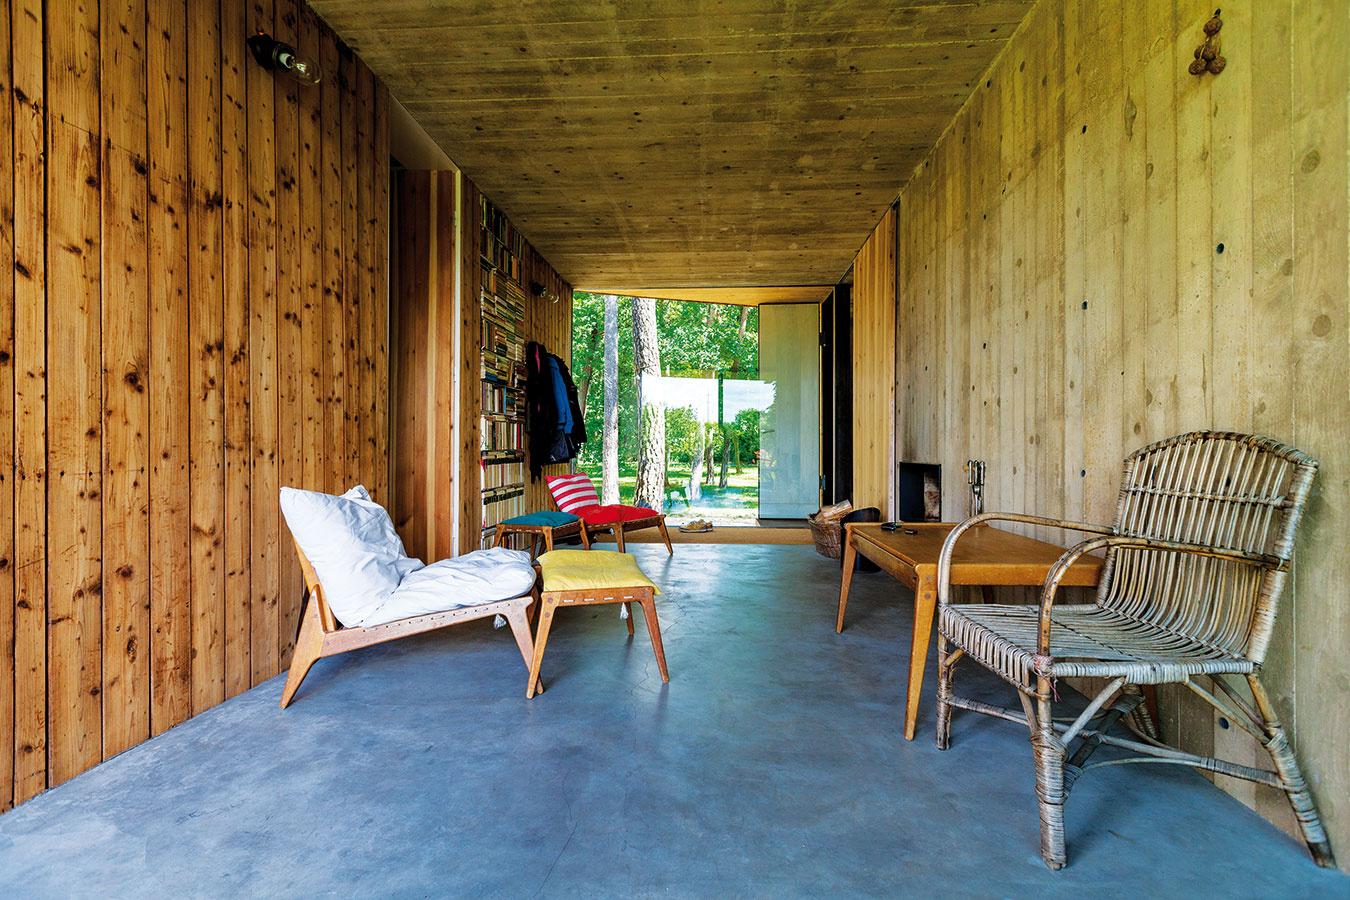 Hala sotvoreným kozubom, ktorá prepája obe pôvodné stavby, je obľúbeným miestom domácich. Slúži nielen ako predsieň, ale predovšetkým ako odpočiváreň, čitáreň, meditačná miestnosť aherňa.